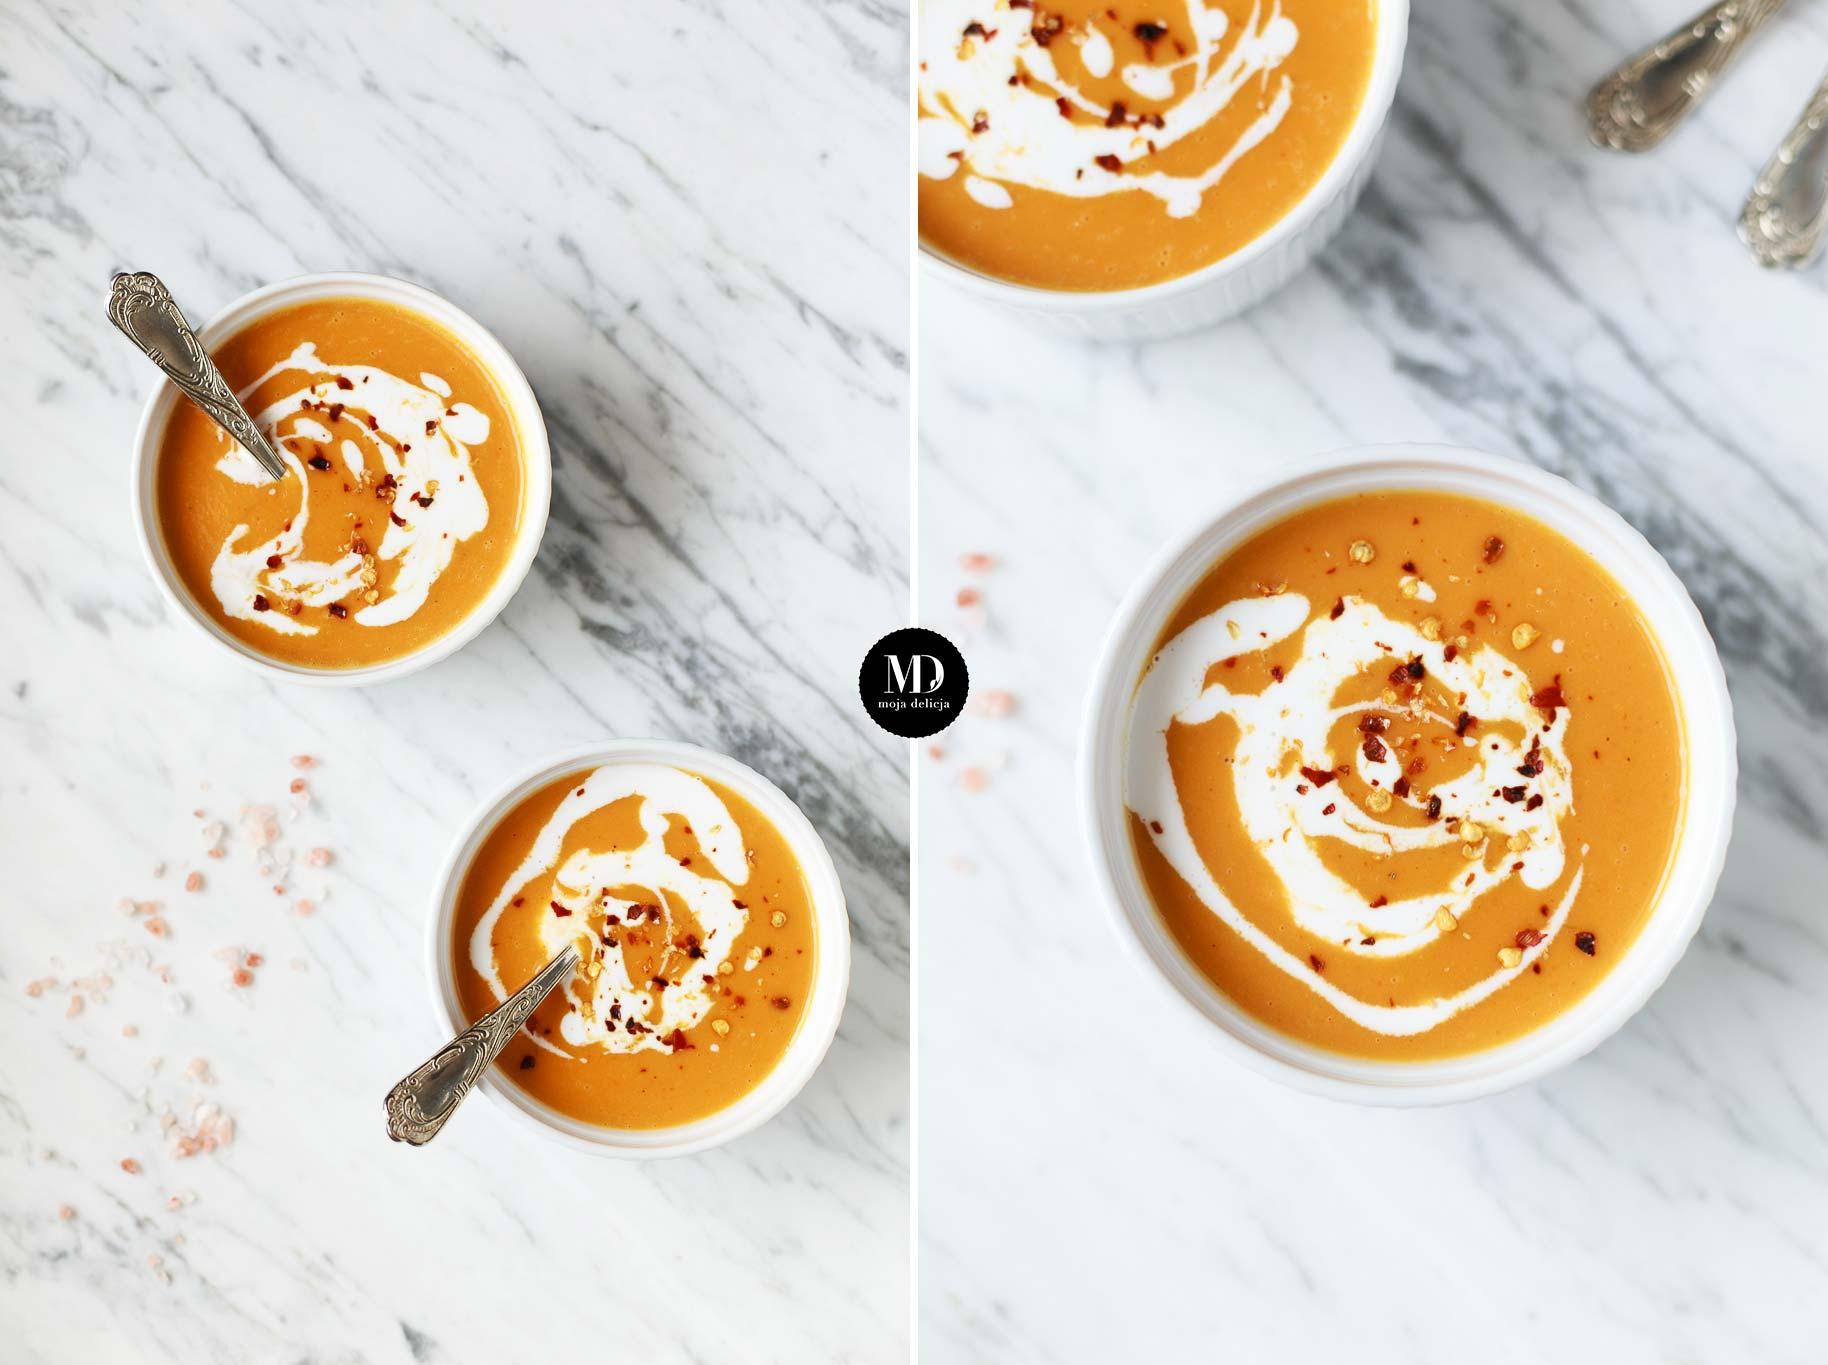 Zupa z pieczonych batatów, zupa krem z batatów